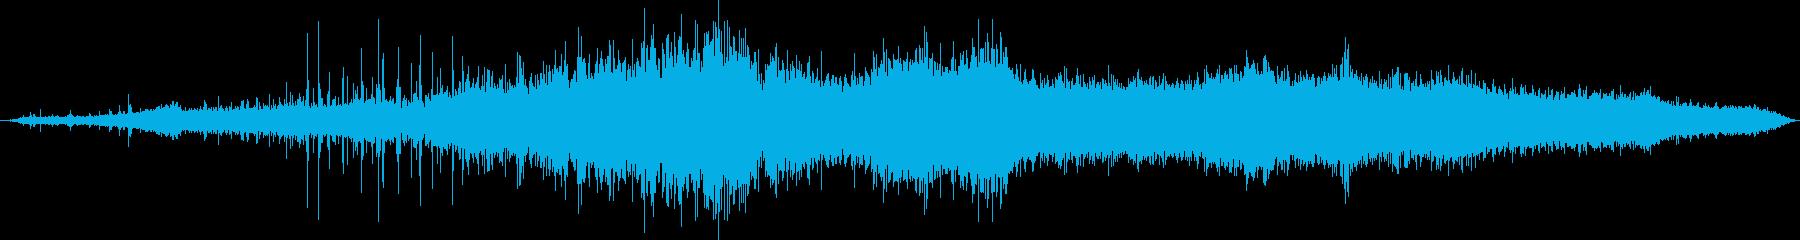 自動ソフトクロスカーウォッシュ:I...の再生済みの波形